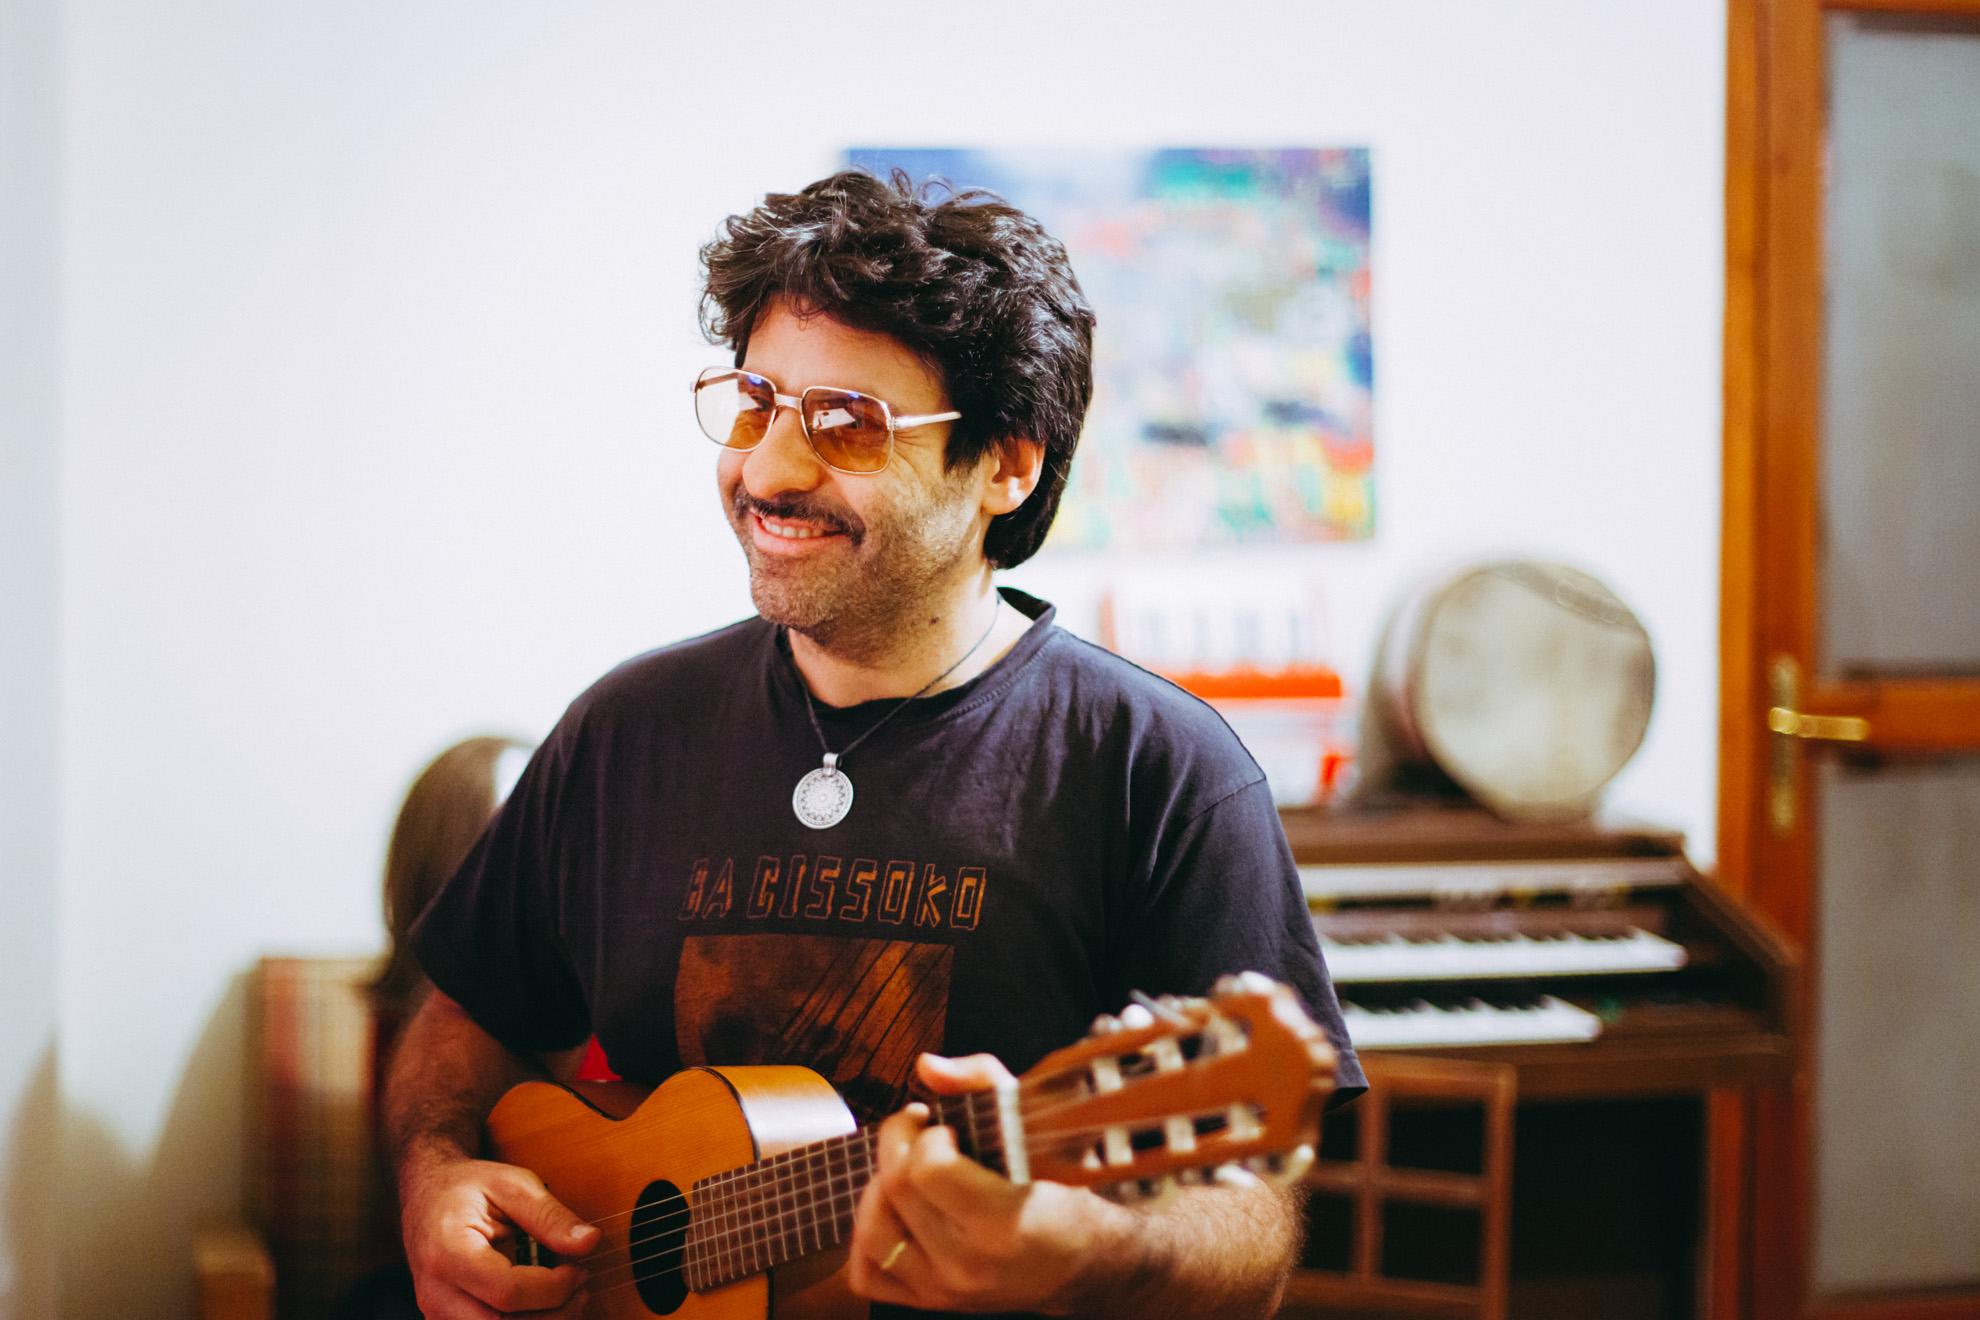 Zeid Hamdan ONORIENTOUR ONORIENT LIBAN Mehdi Drissi